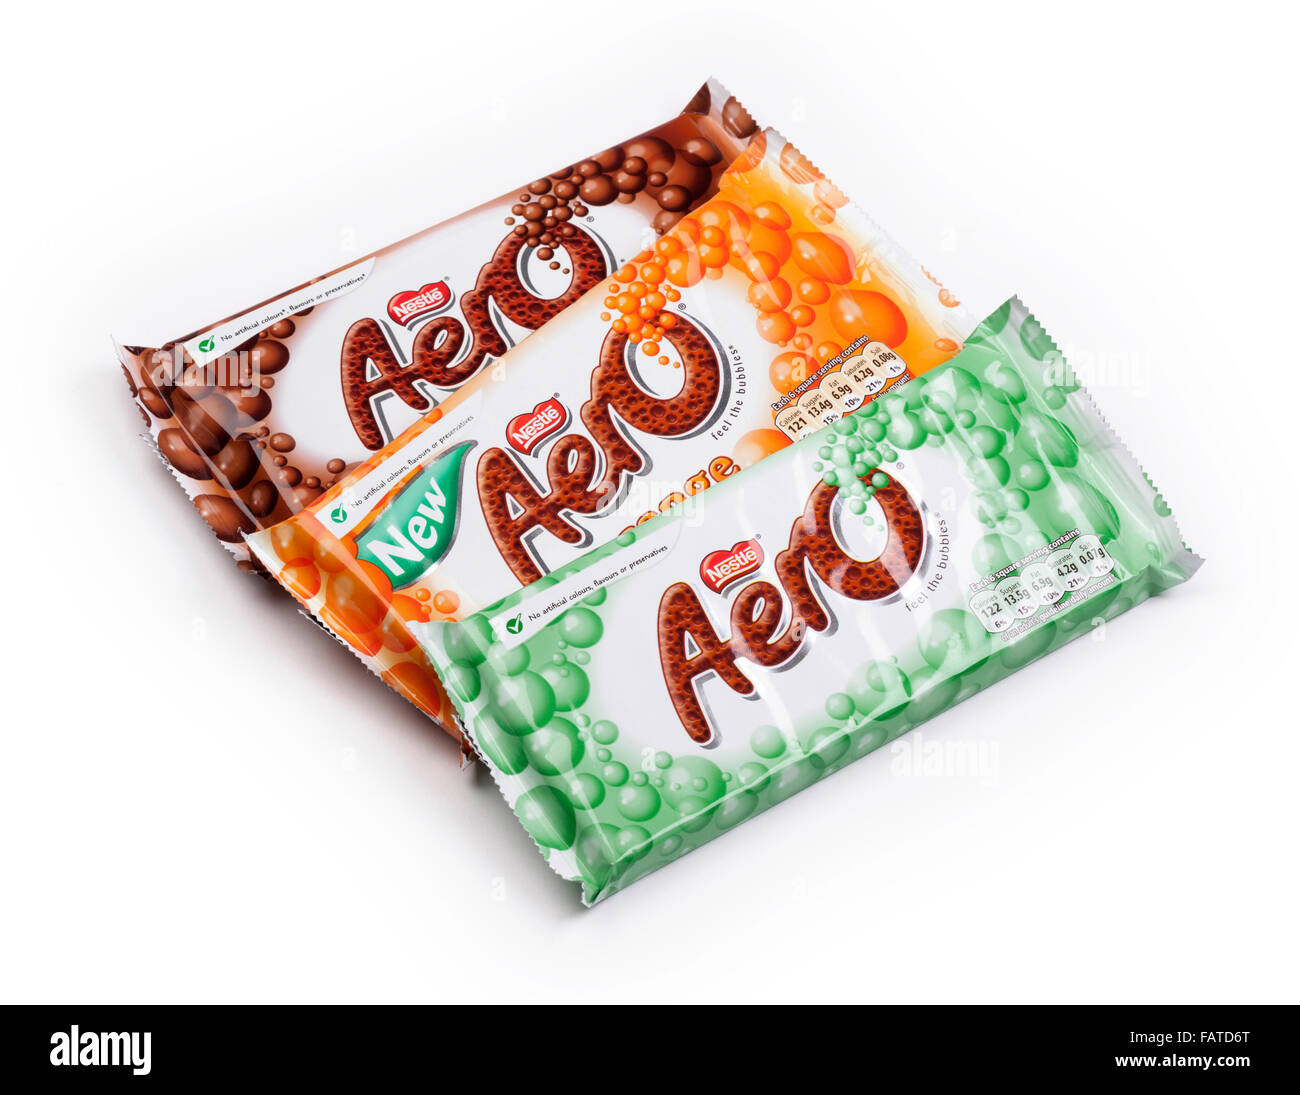 Nestlé Aero chocolate bars - Stock Image